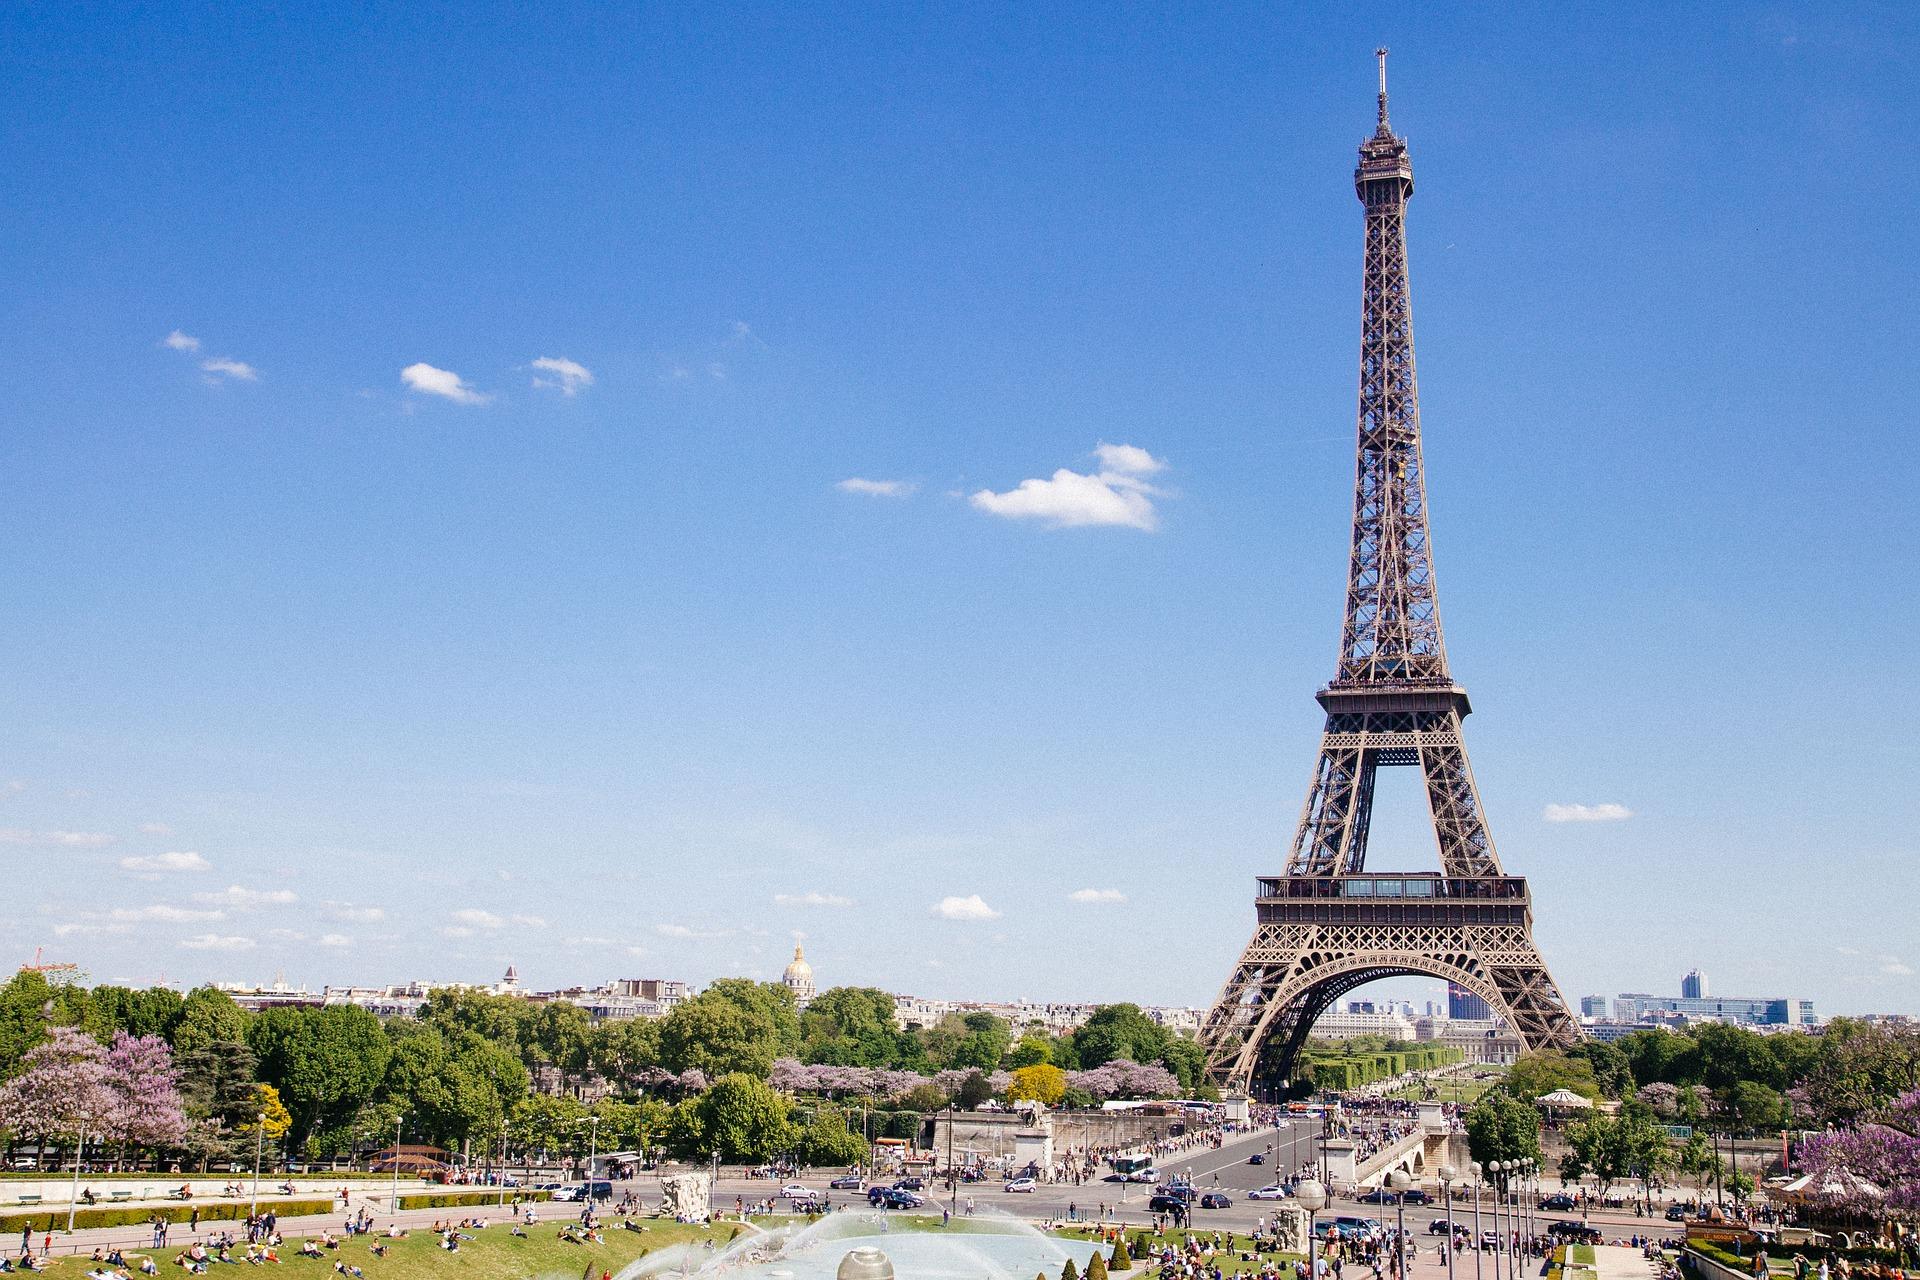 Tour_Eiffel_CC0.jpg?1543405035